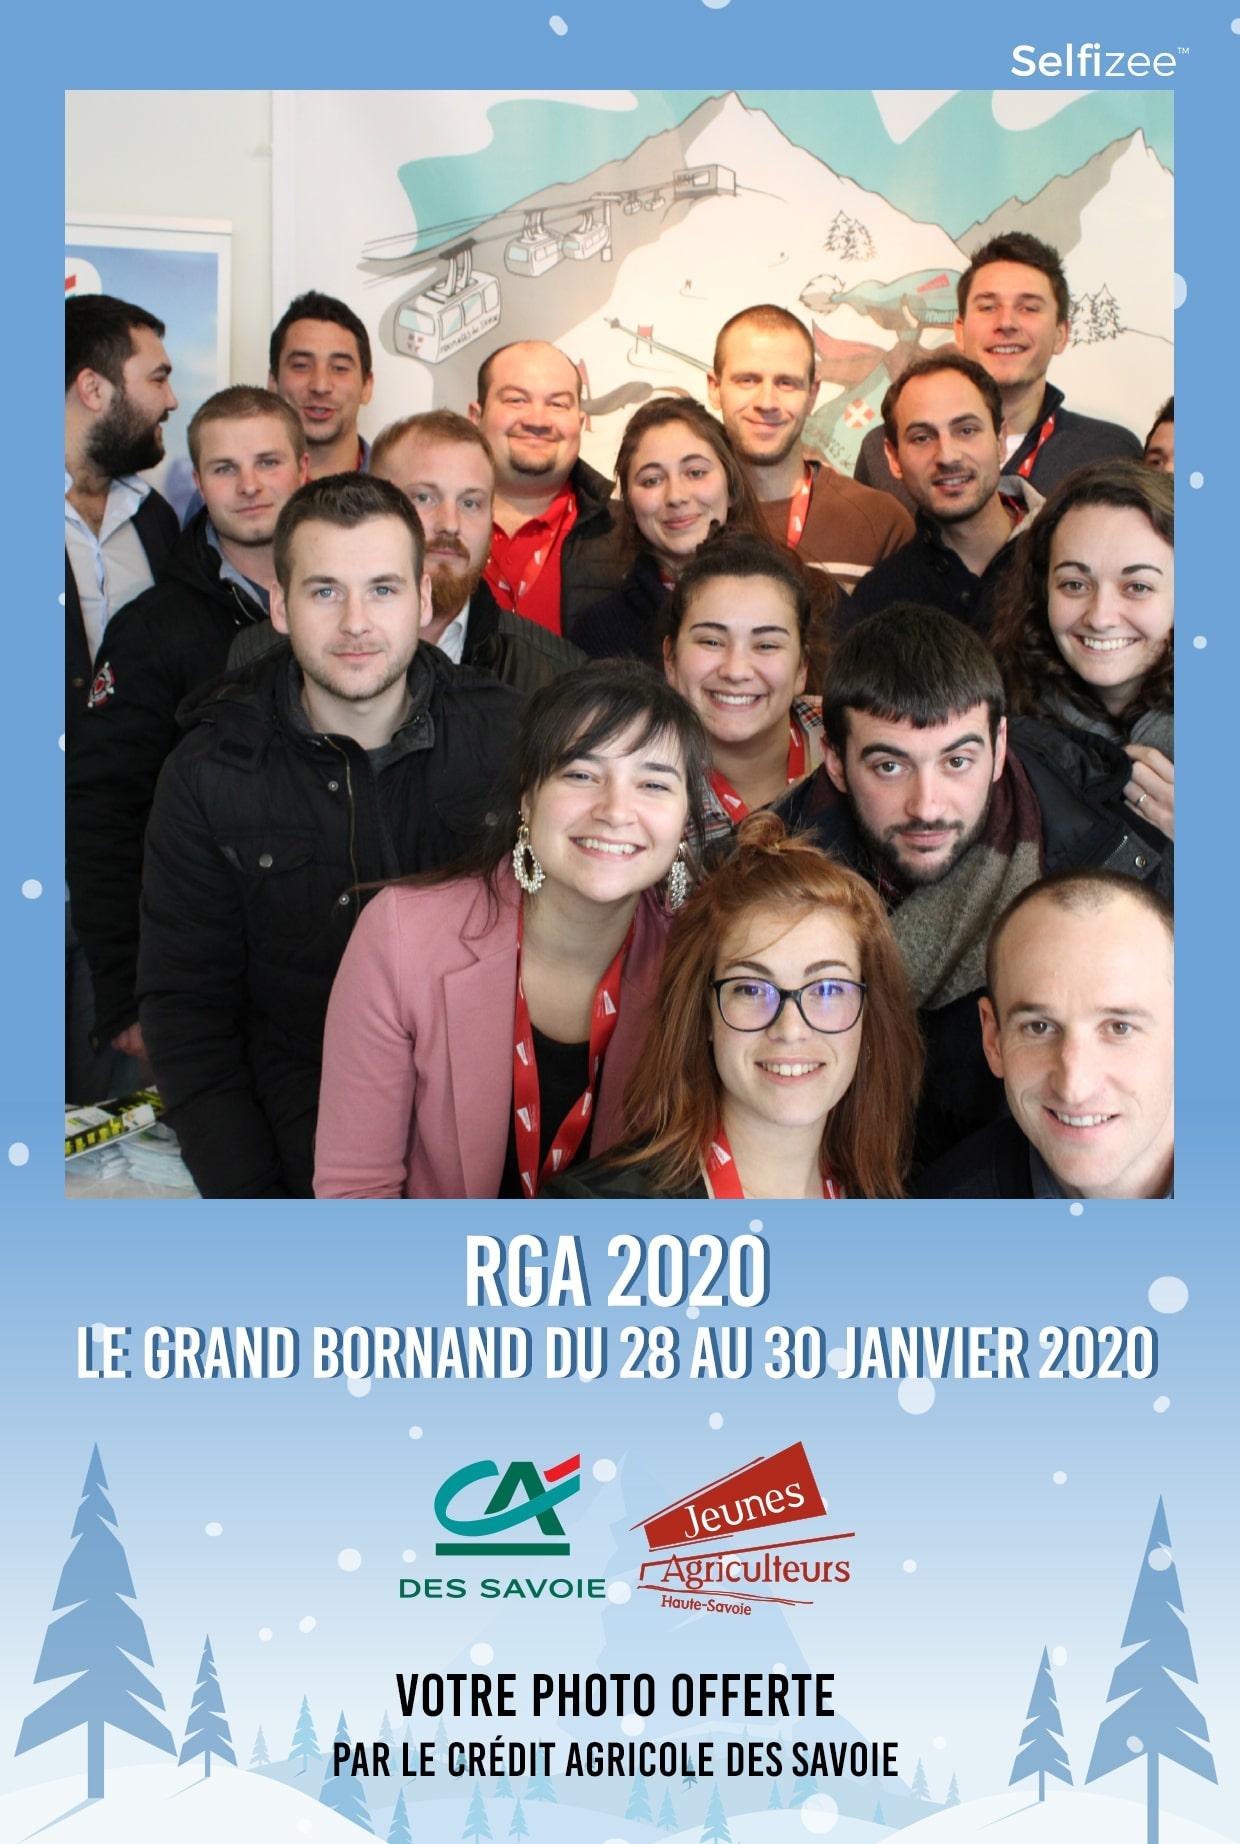 Animation selfie box au stand Crédit Agricole à la session RGA 2020 au Grand-Bornand près d'Annecy - borne photo connectée avec imprimante